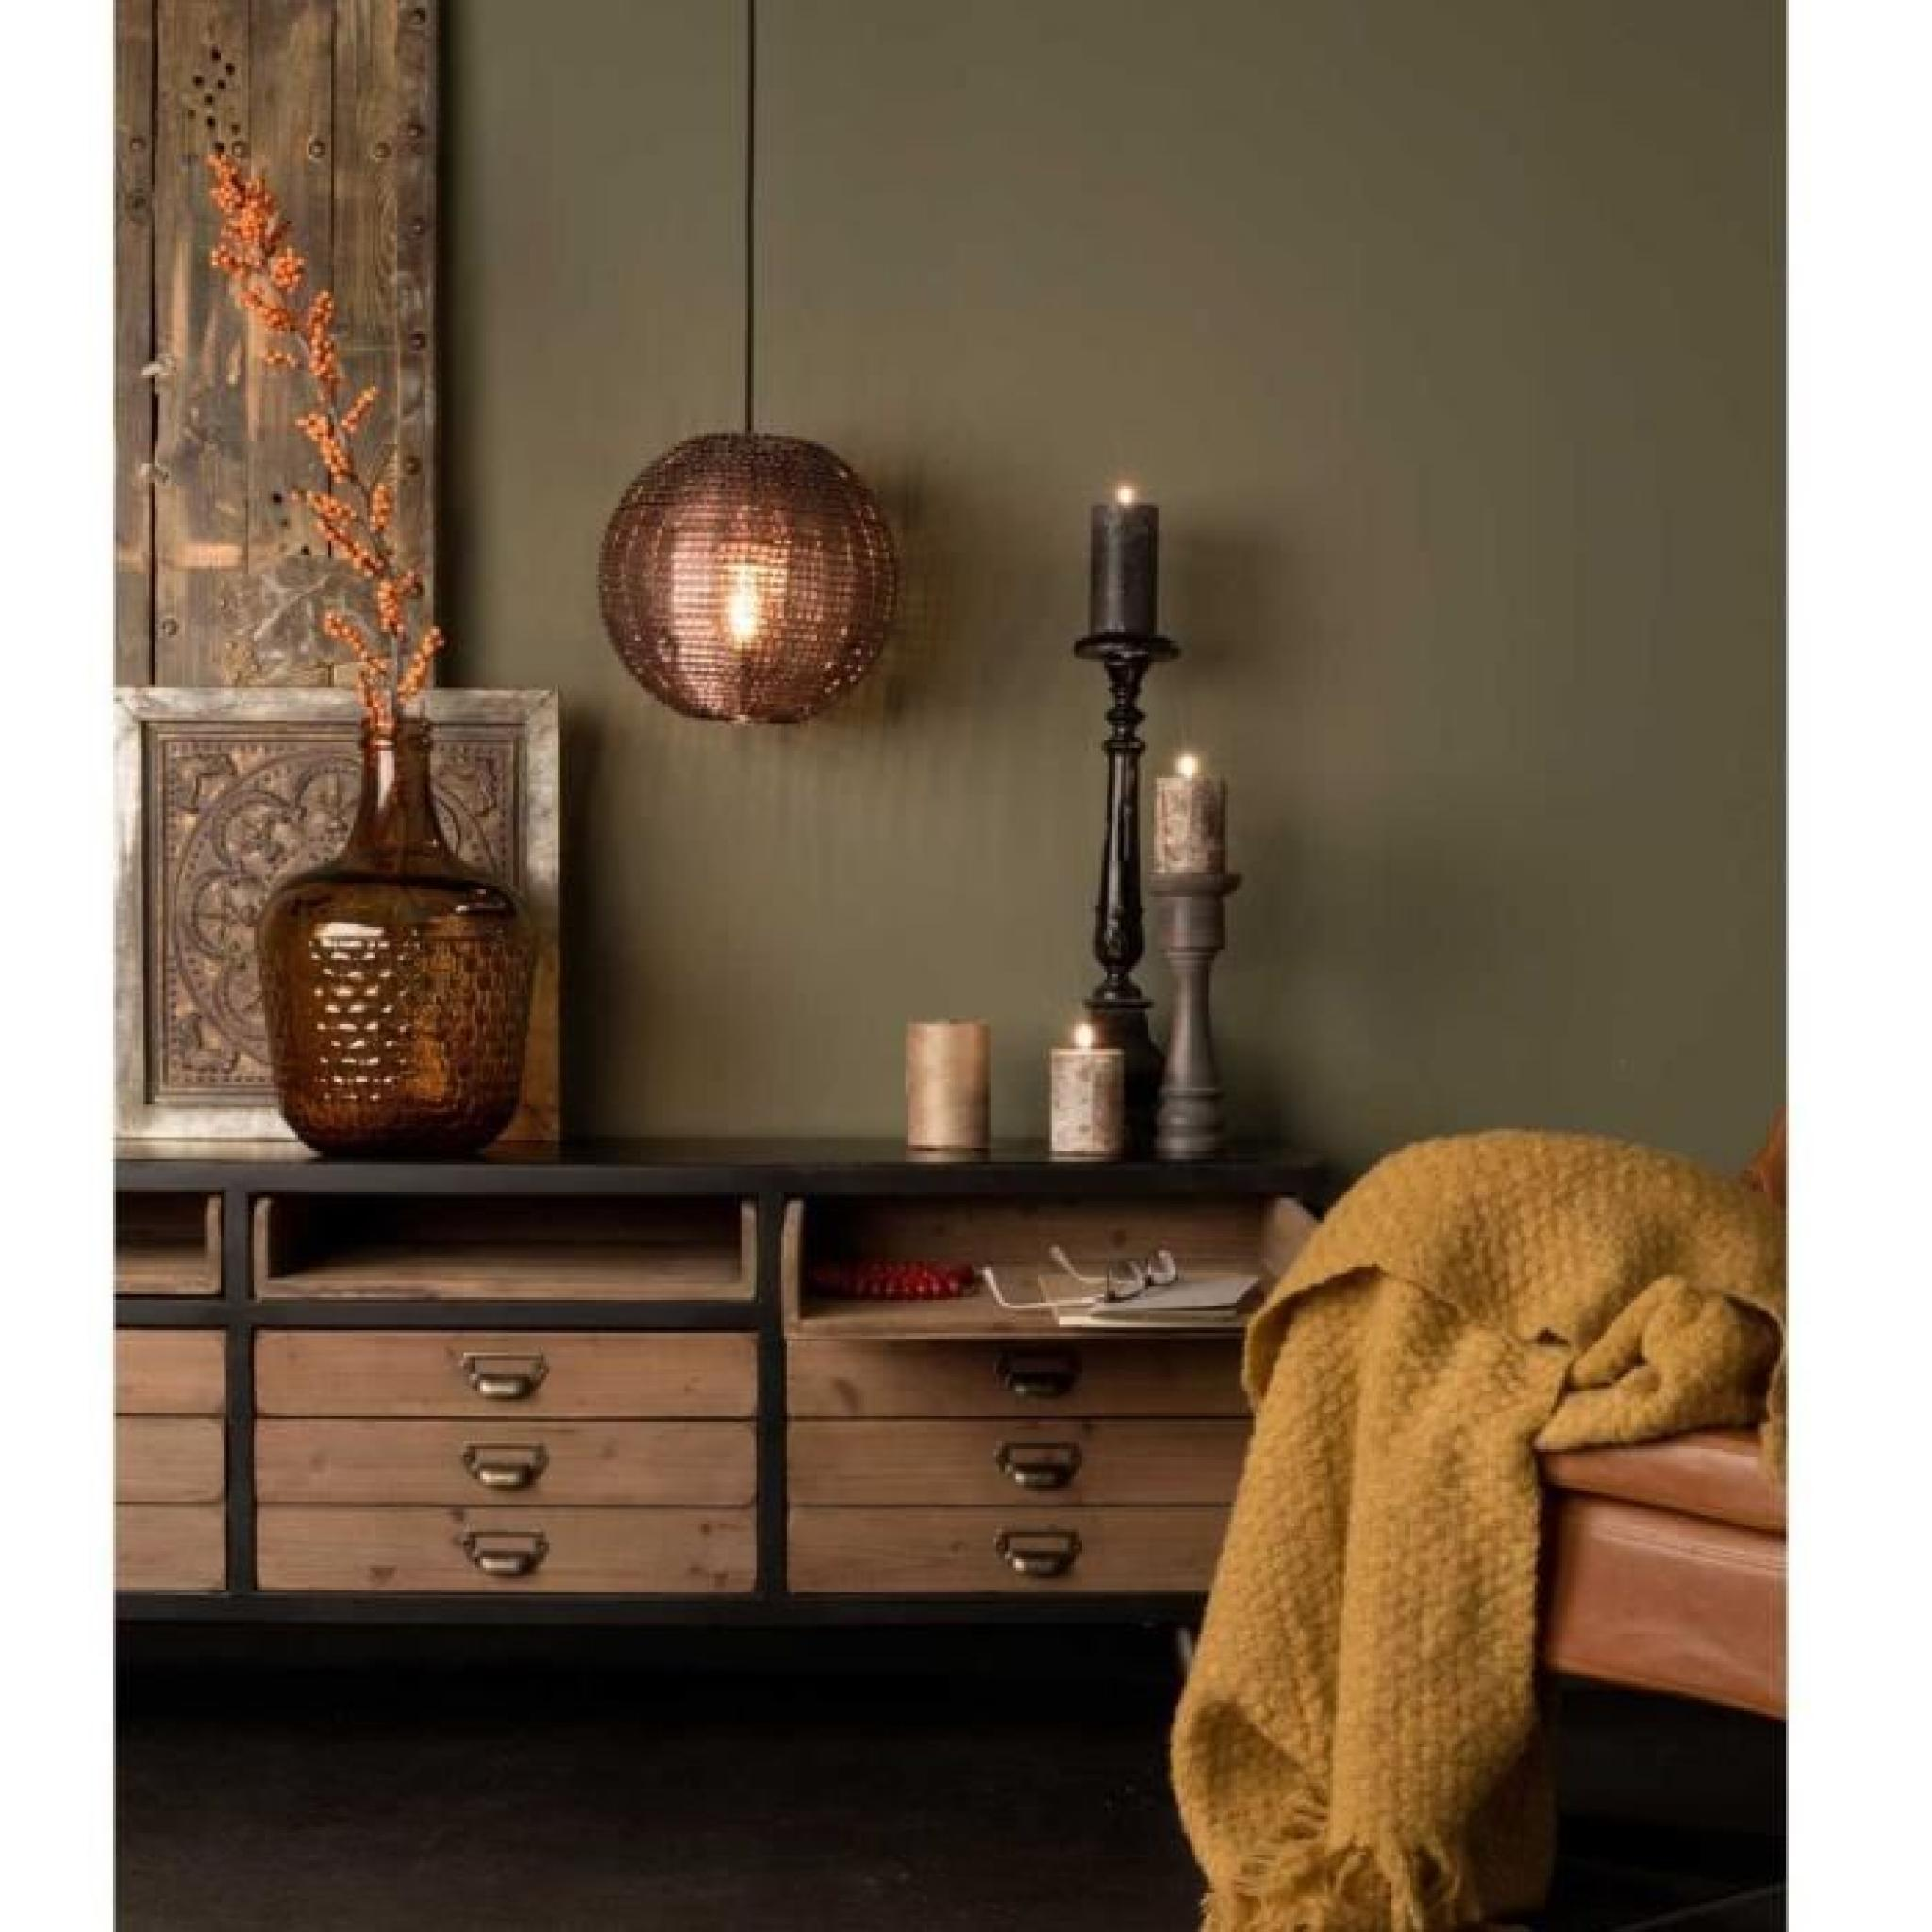 buffet vintage m tal et bois sol couleur bois m achat vente buffet pas cher couleur et. Black Bedroom Furniture Sets. Home Design Ideas